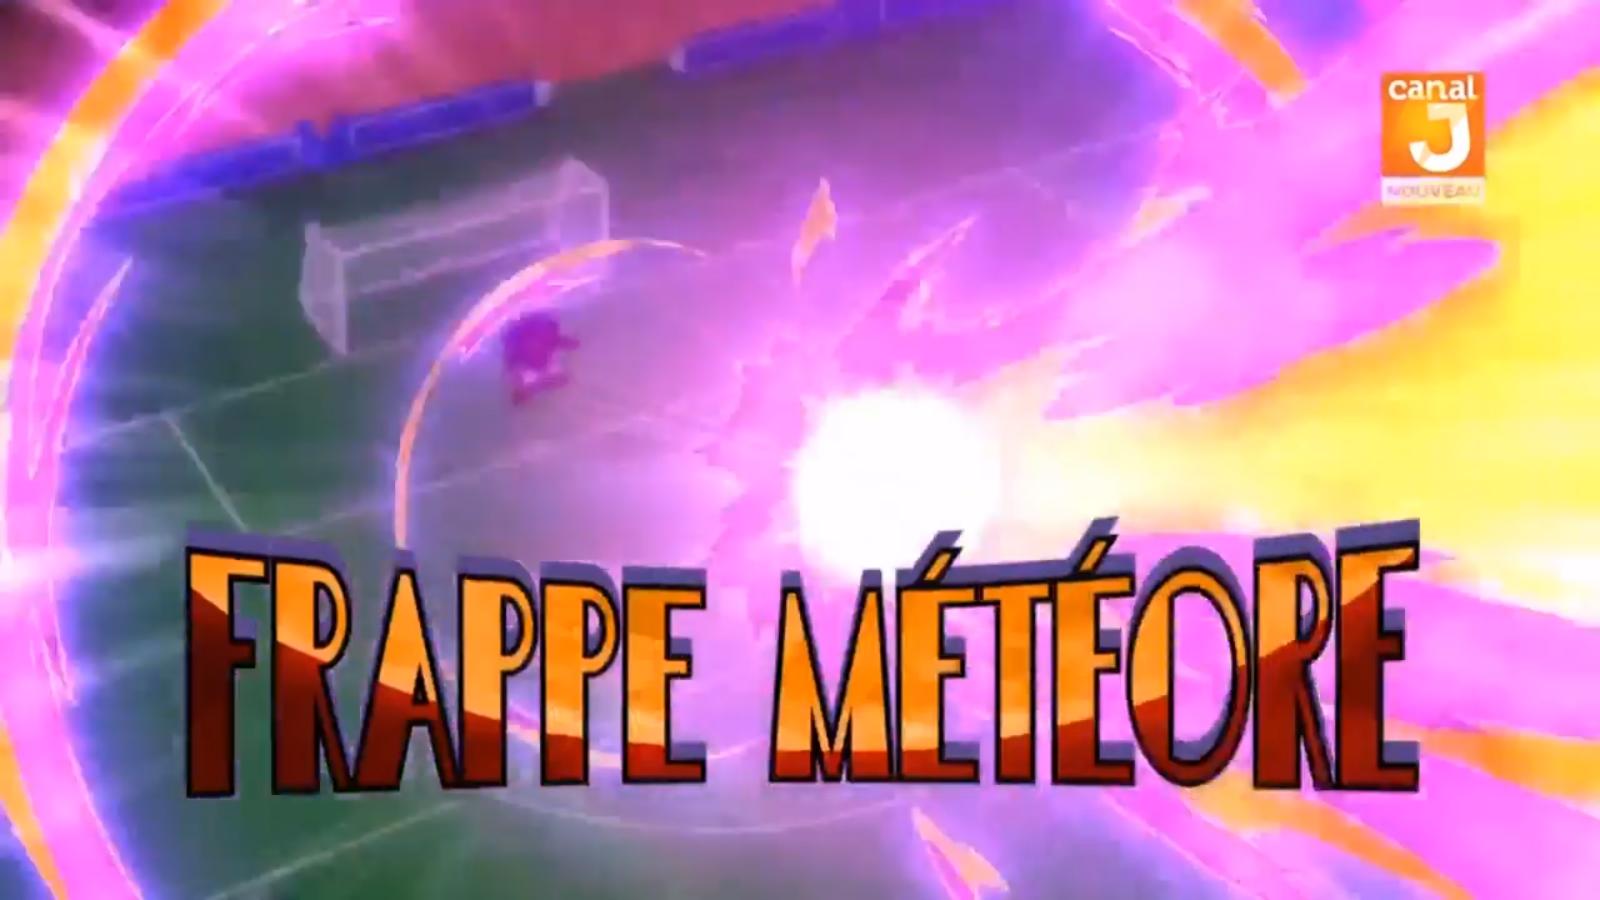 Frappe Météore